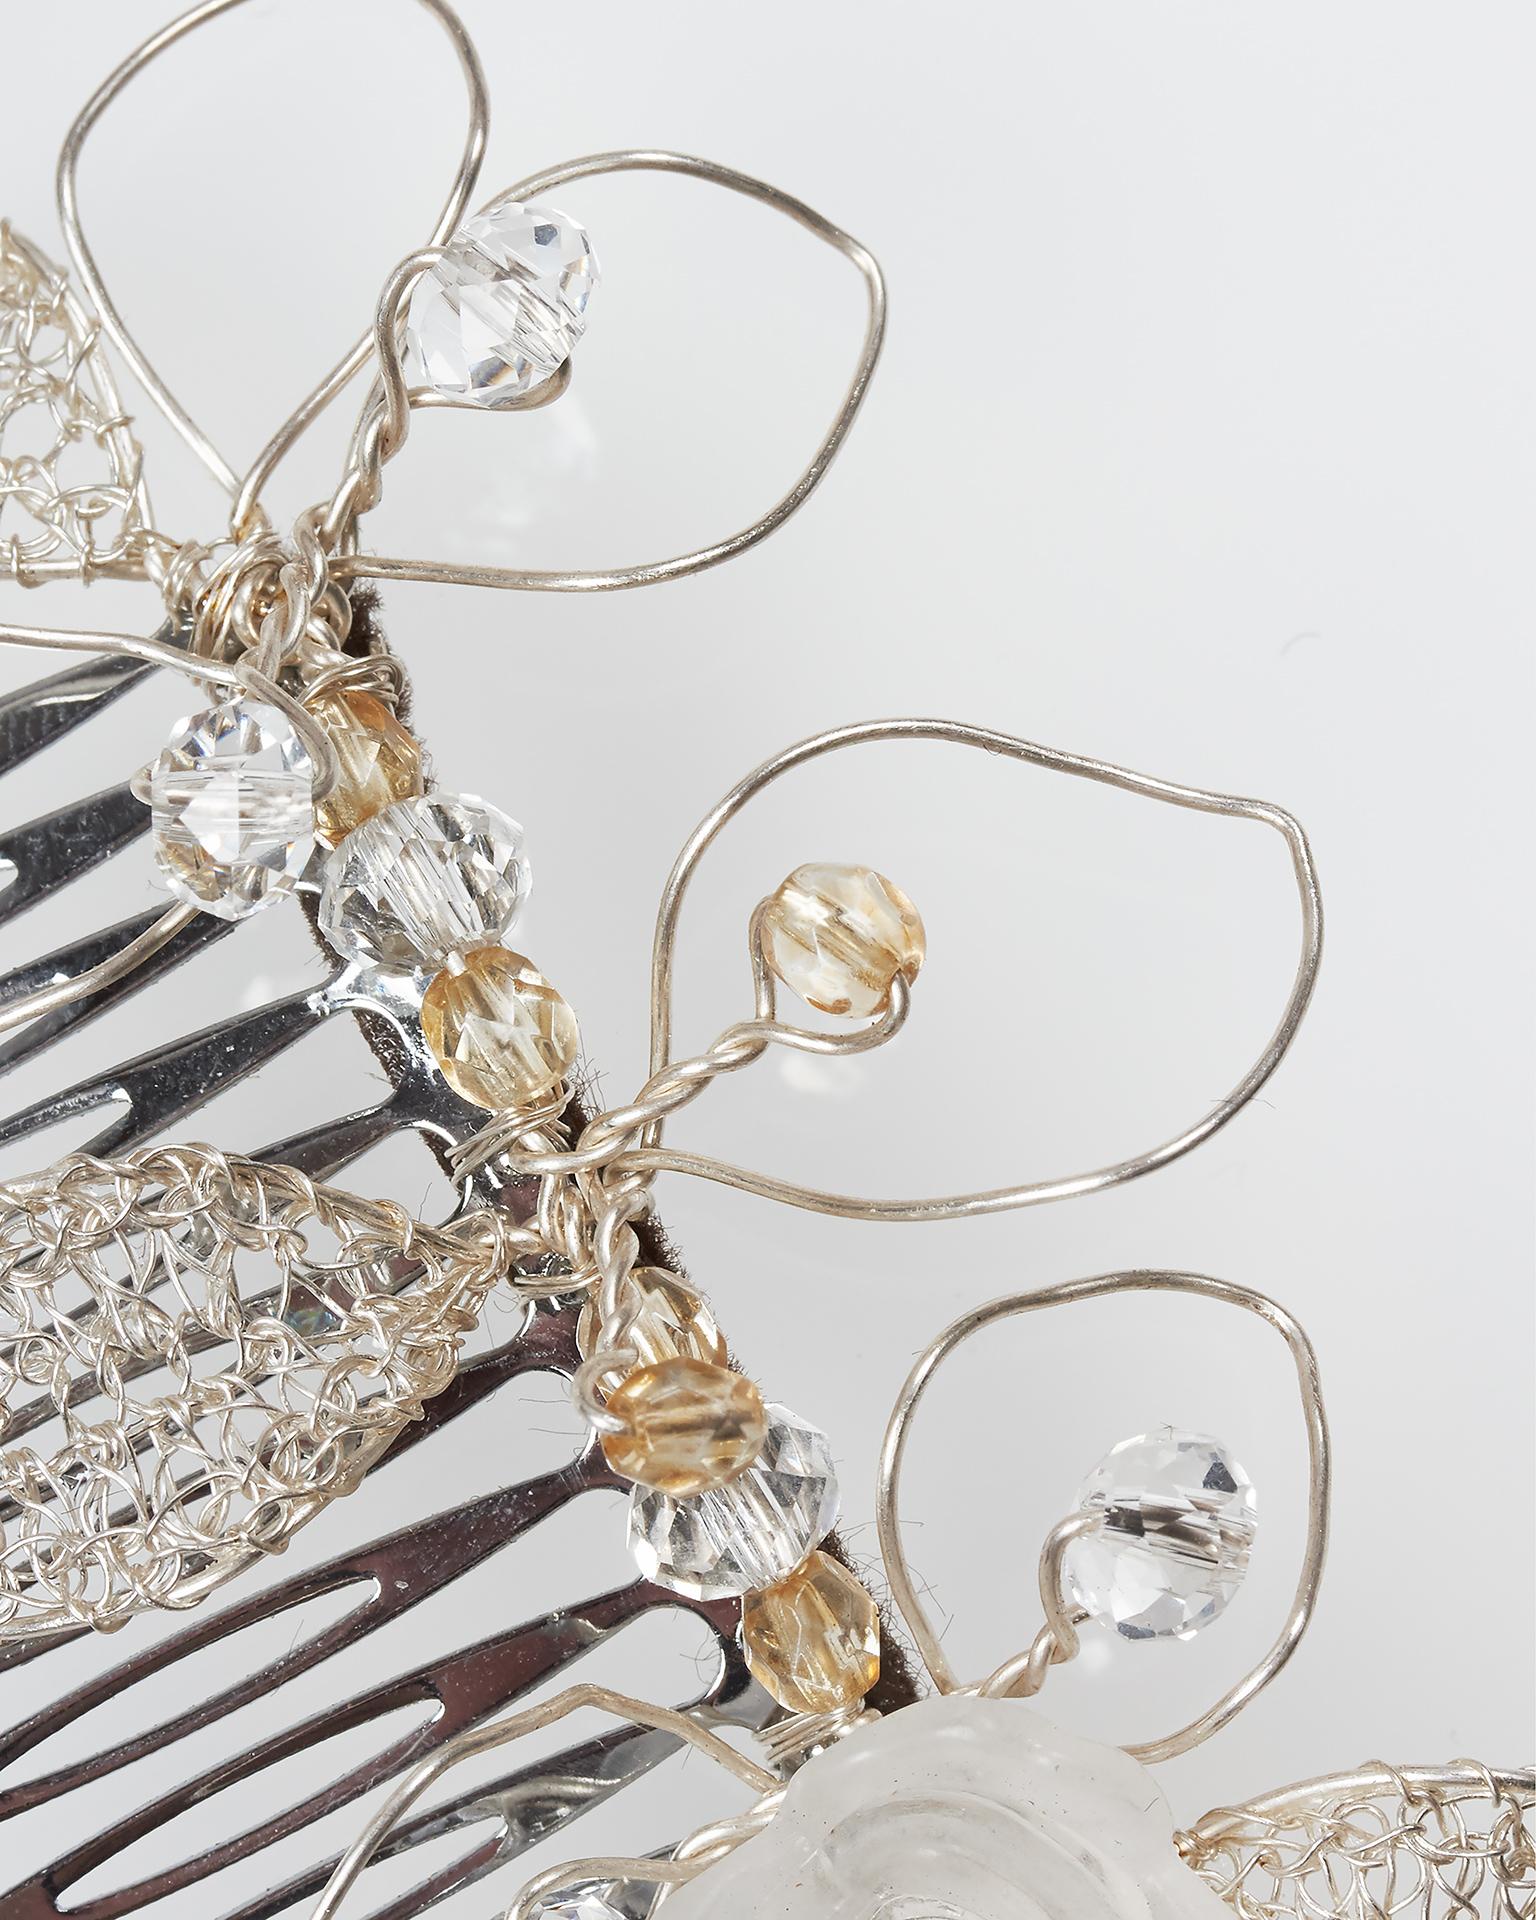 .2018 مجموعة فساتين AIRE BARCELONA طَرحة مشطيّة Lia مسلّكة باللون الفضي، ذات تصميم على شكل وريقات مرصّعة بالجواهر، ومزيّنة بالكريستال، باللون الفضي.